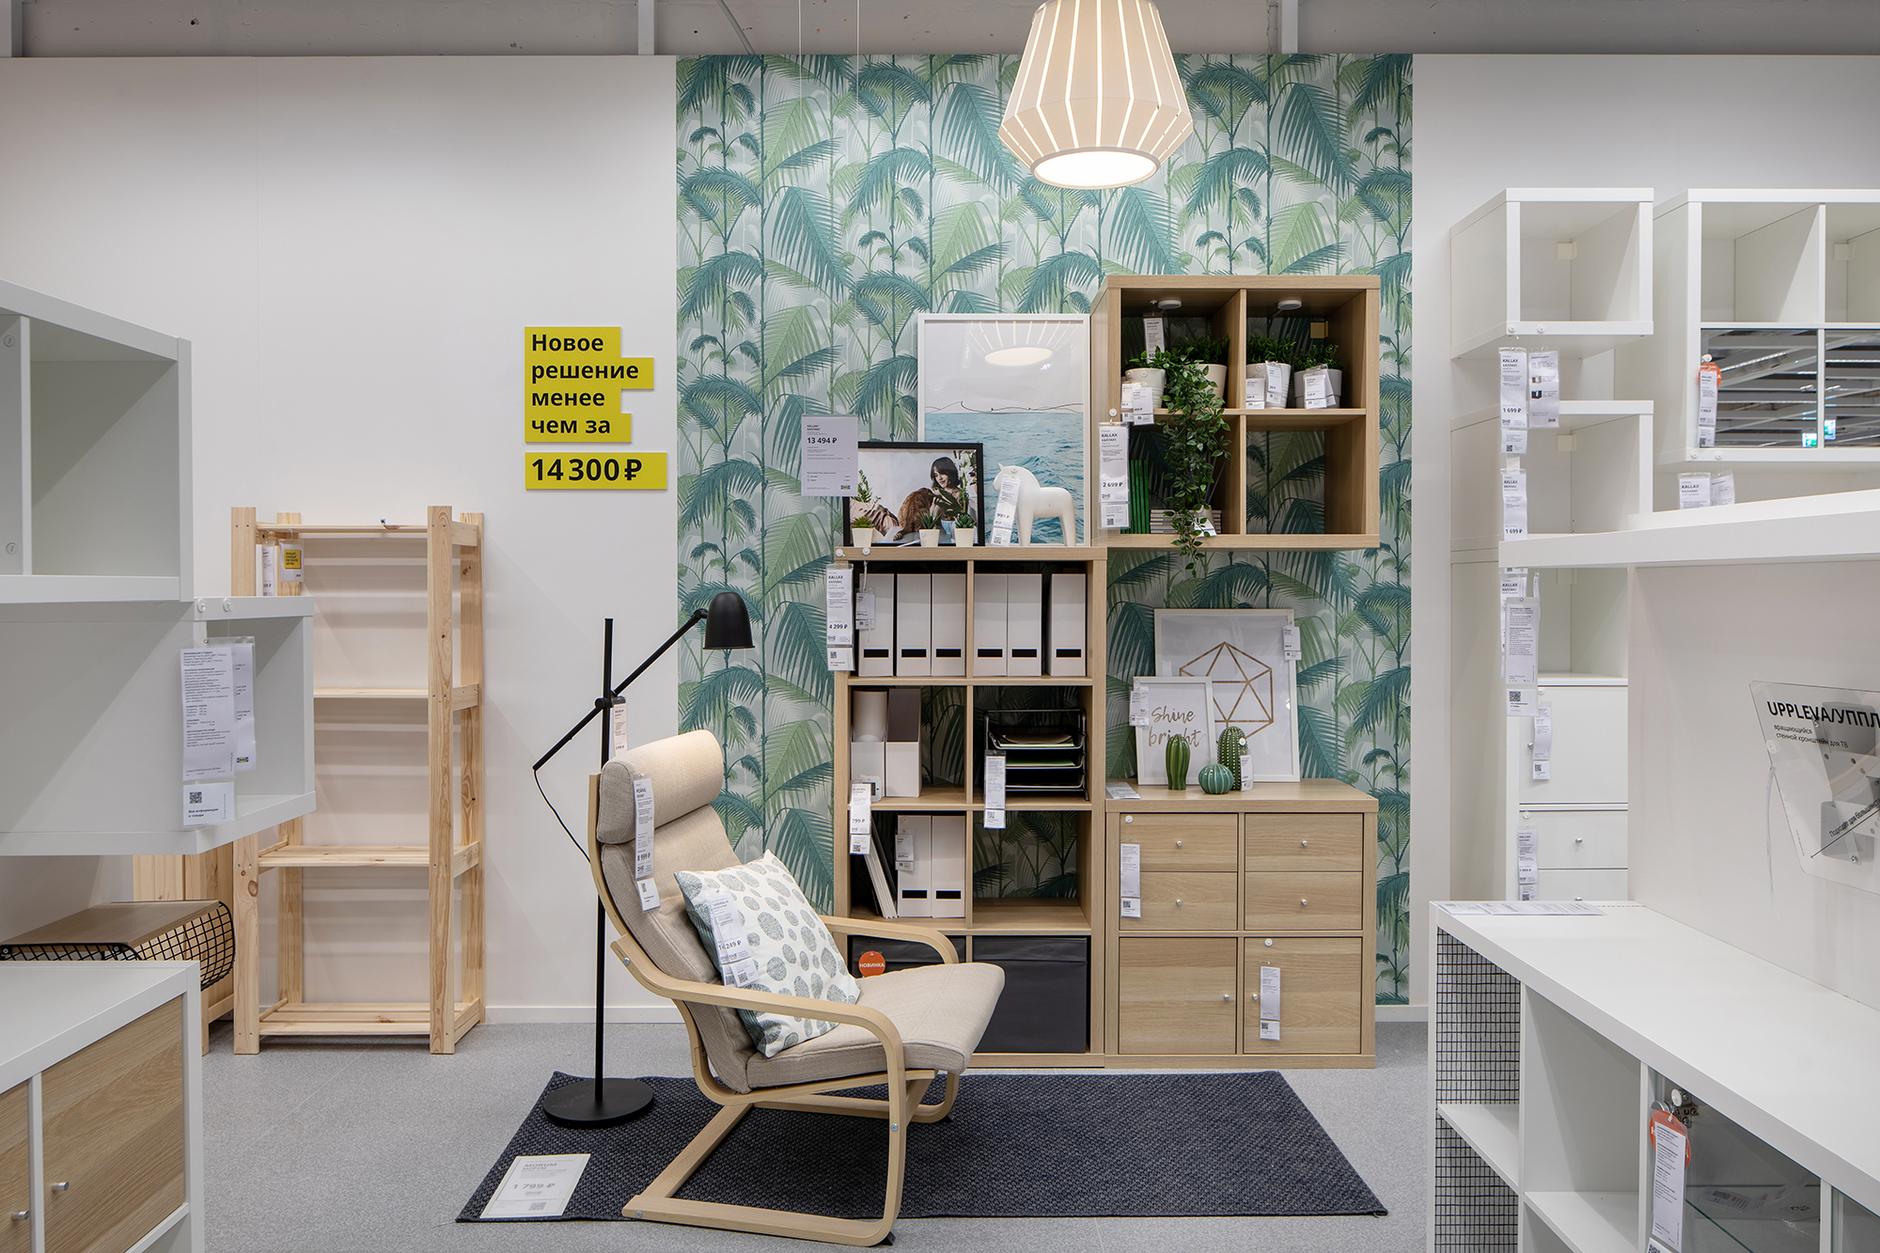 Открылся первый магазин ИКЕА в черте города (галерея 4, фото 1)